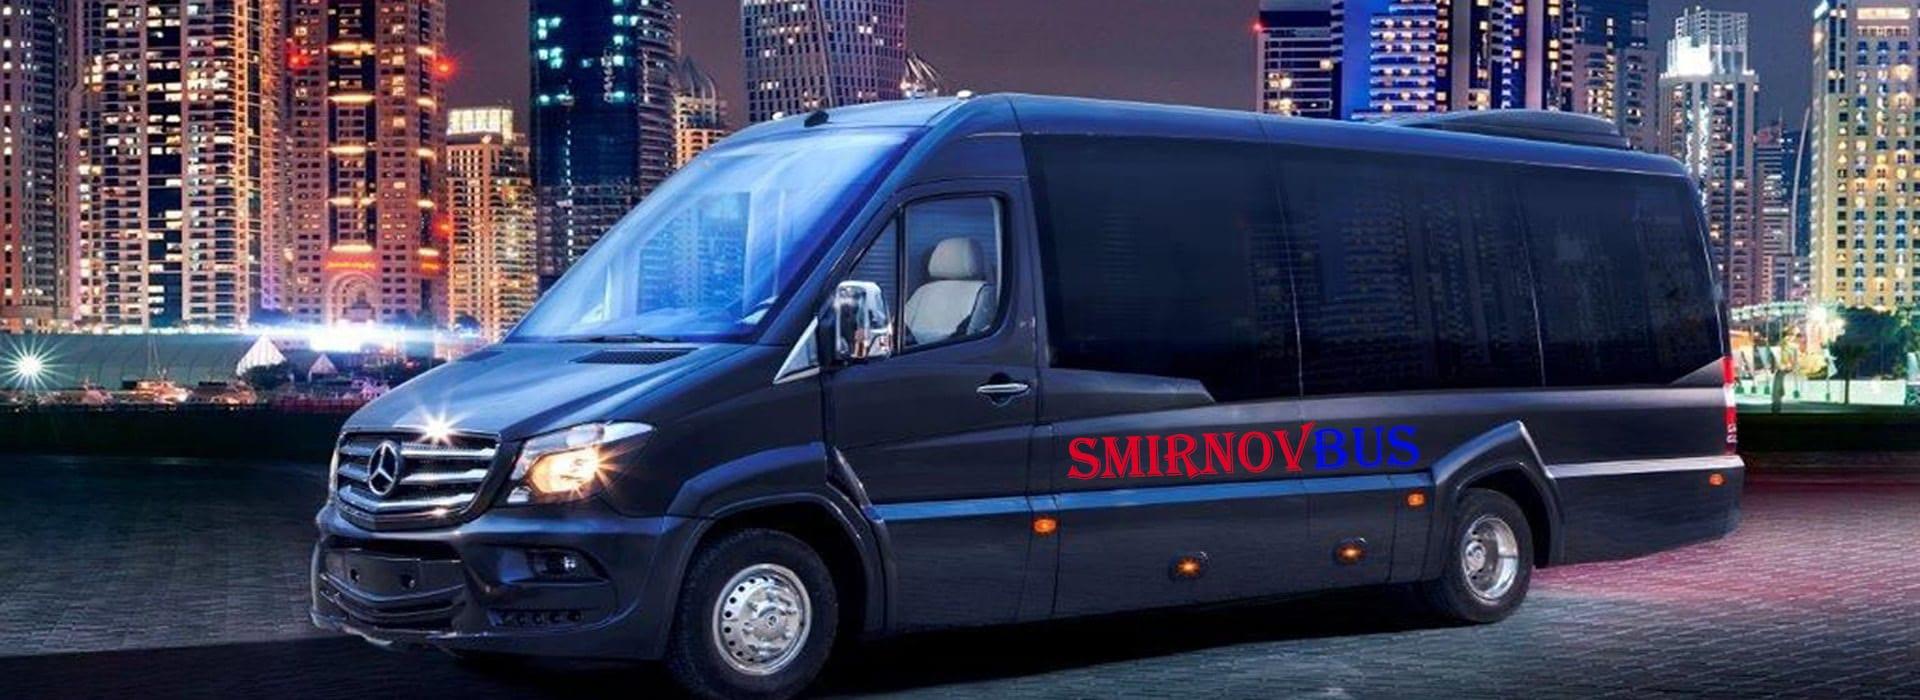 Заказать микроавтобус в Европу